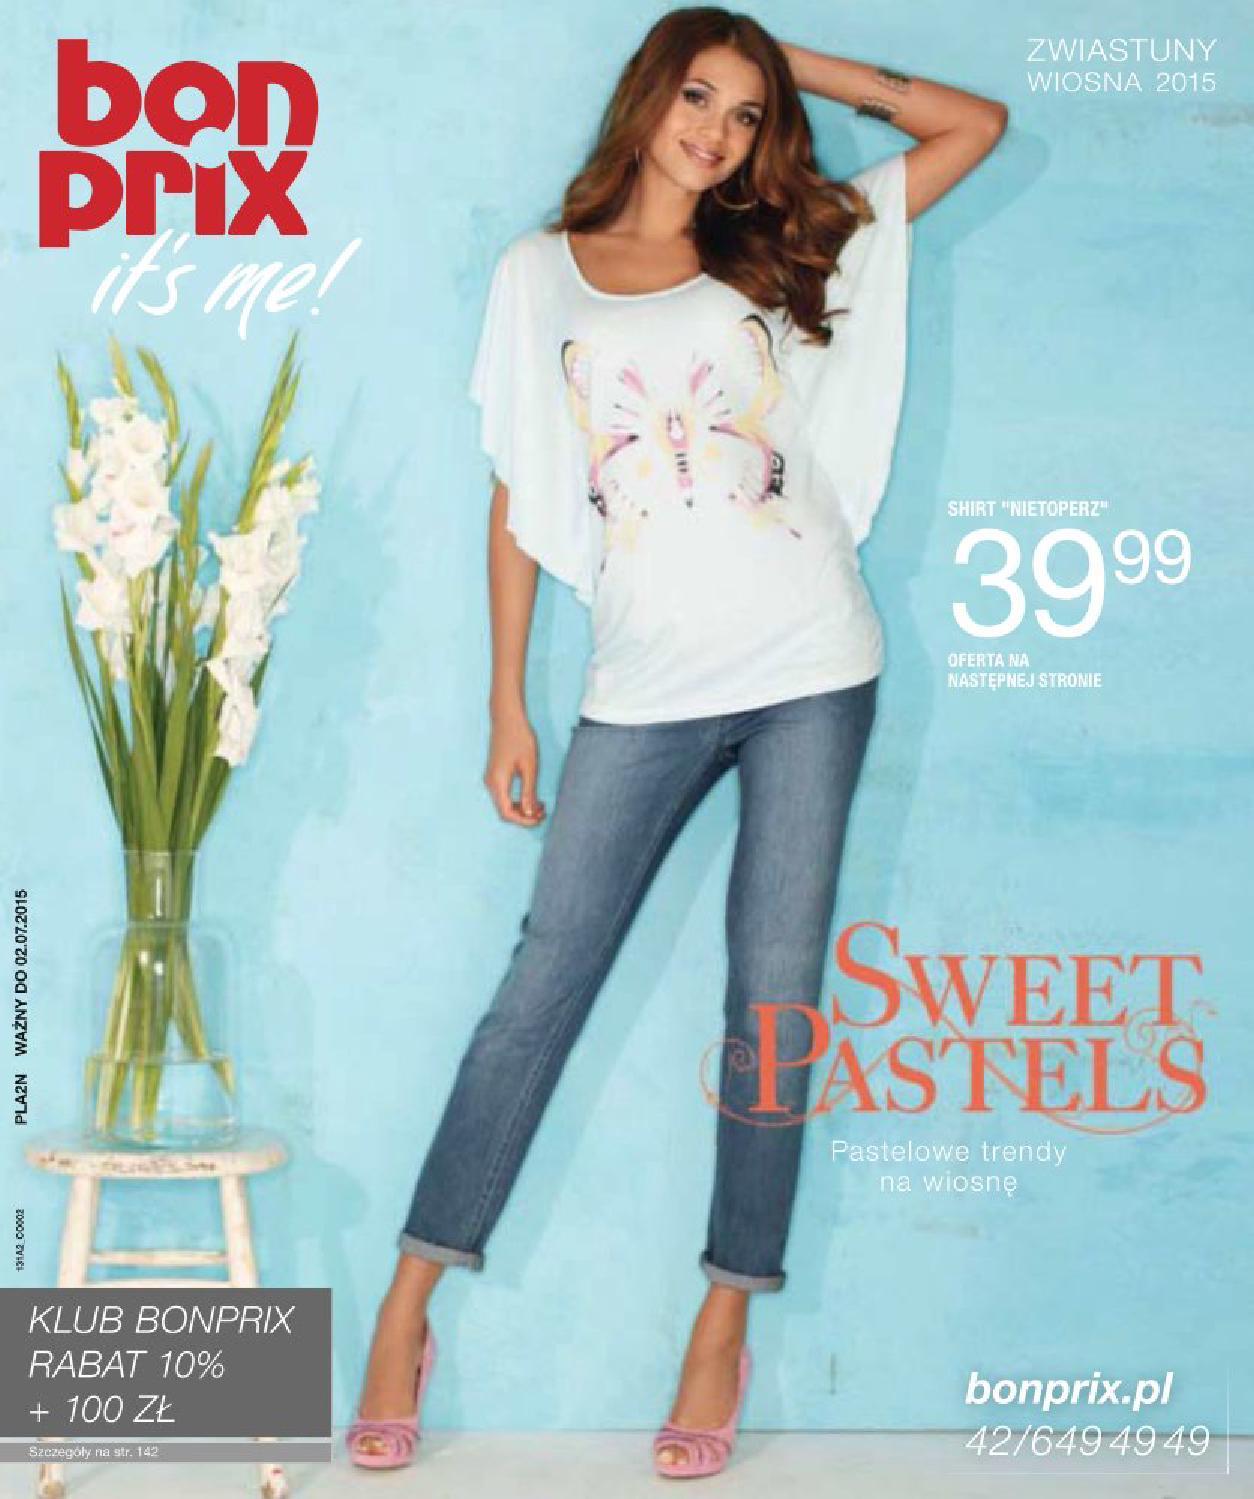 c1a5513be Новый выпуск Bonprix собрал все самые интересные образы и хиты сезона. Мода  от Бонприкс - это одежда со вкусом и для любого повода. Непринужденная  джинсовая ...